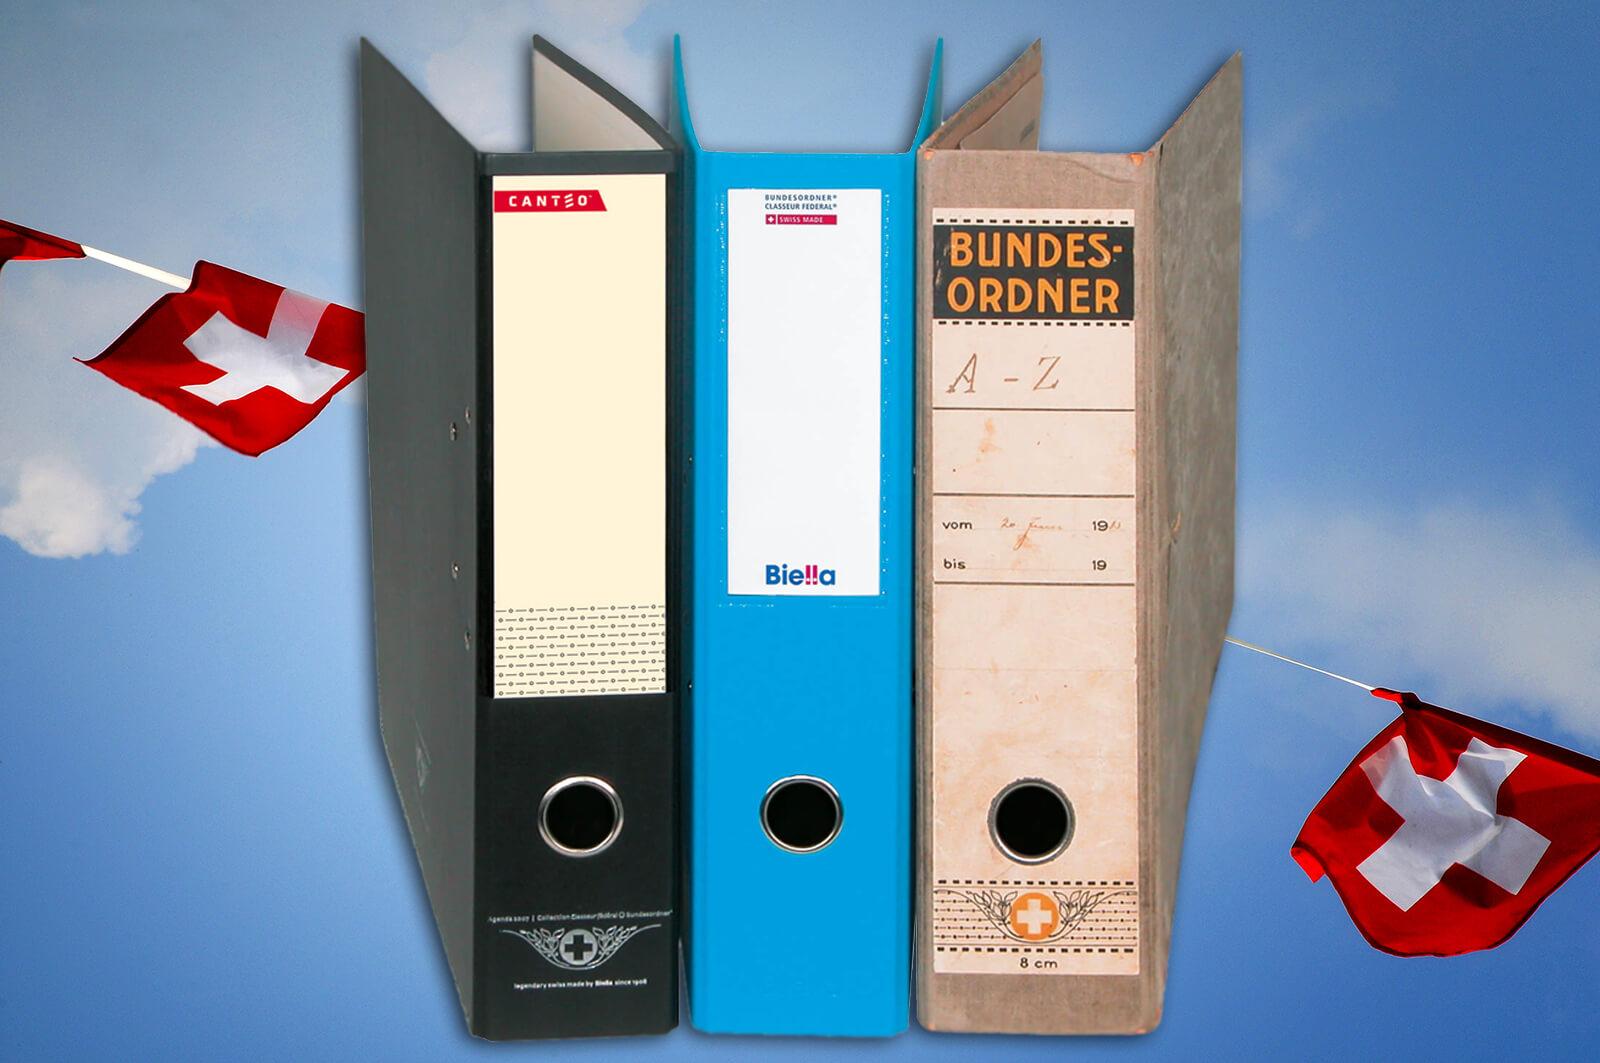 Bundesordner - Swiss File Binders